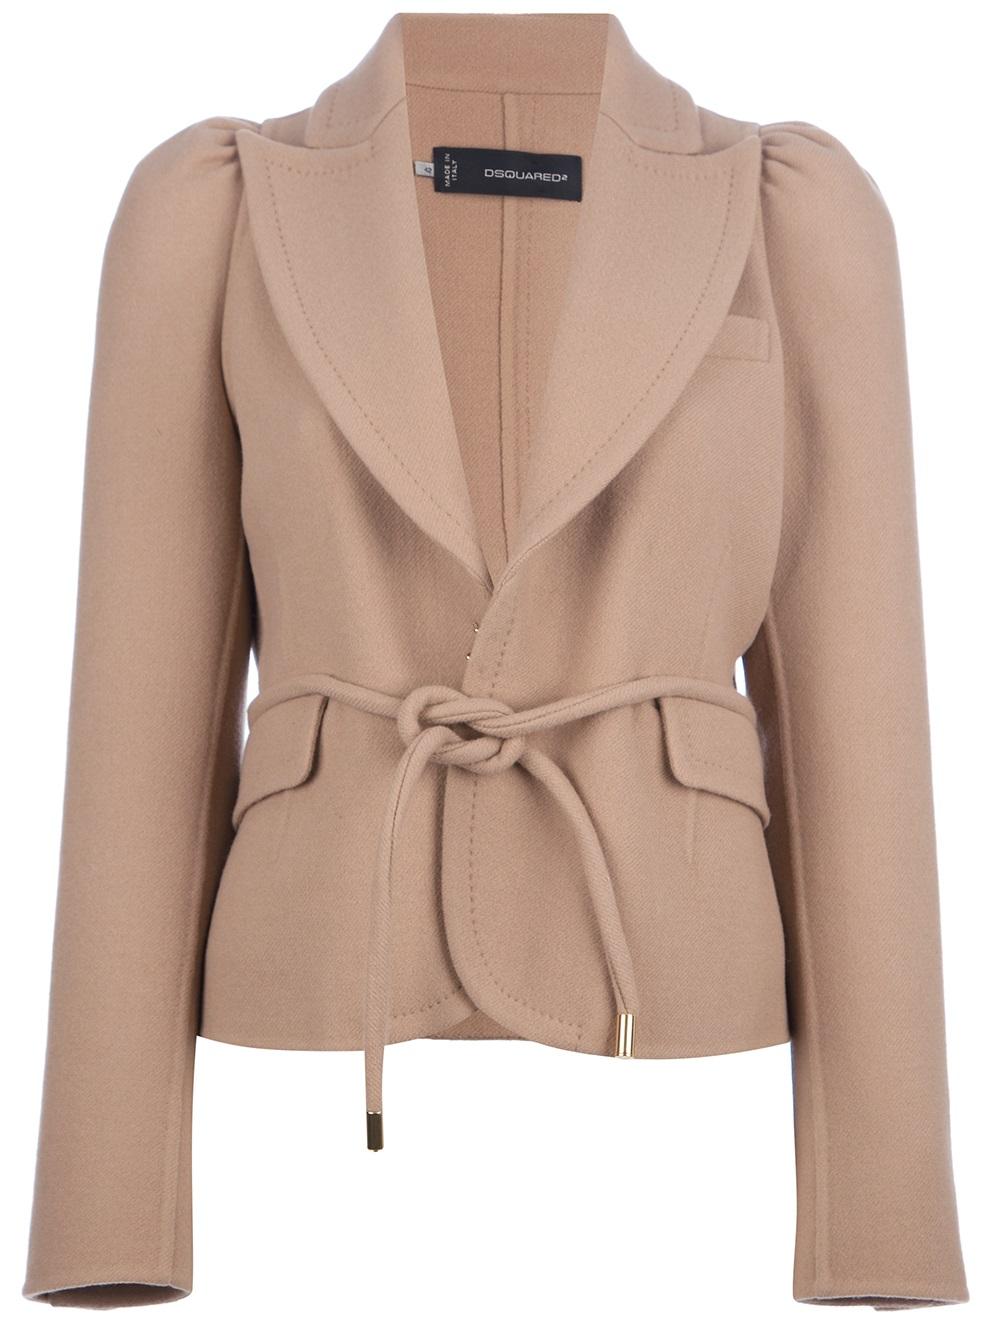 Short coat images – Modern fashion jacket photo blog